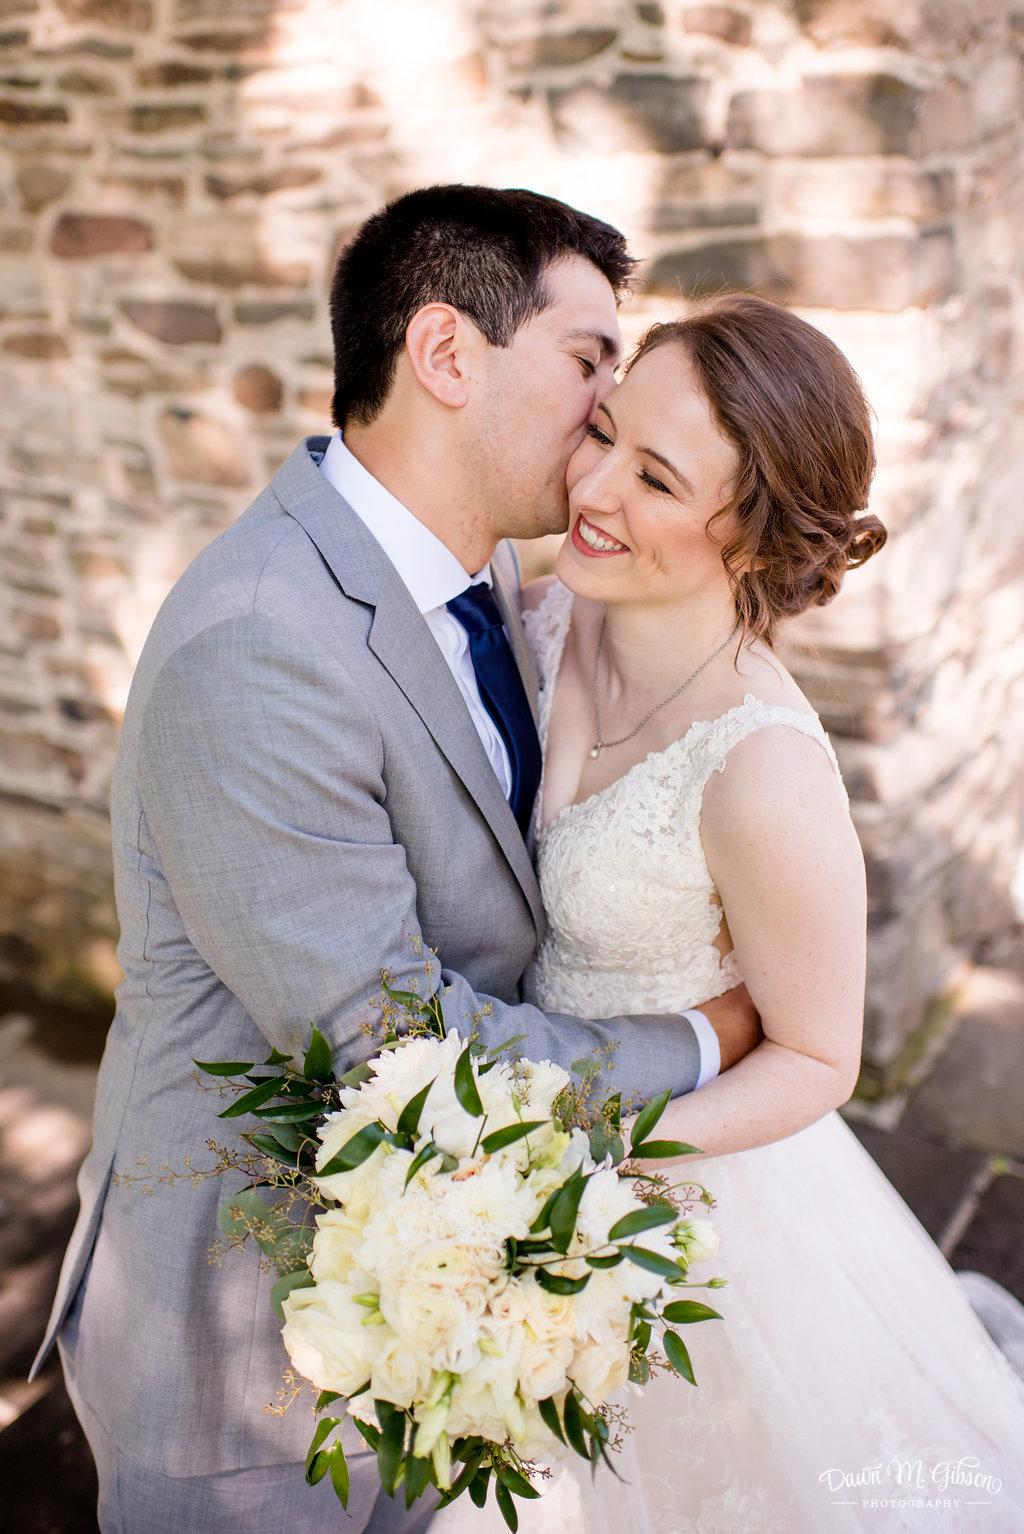 KatieAndré_Wedding_DMGP_399